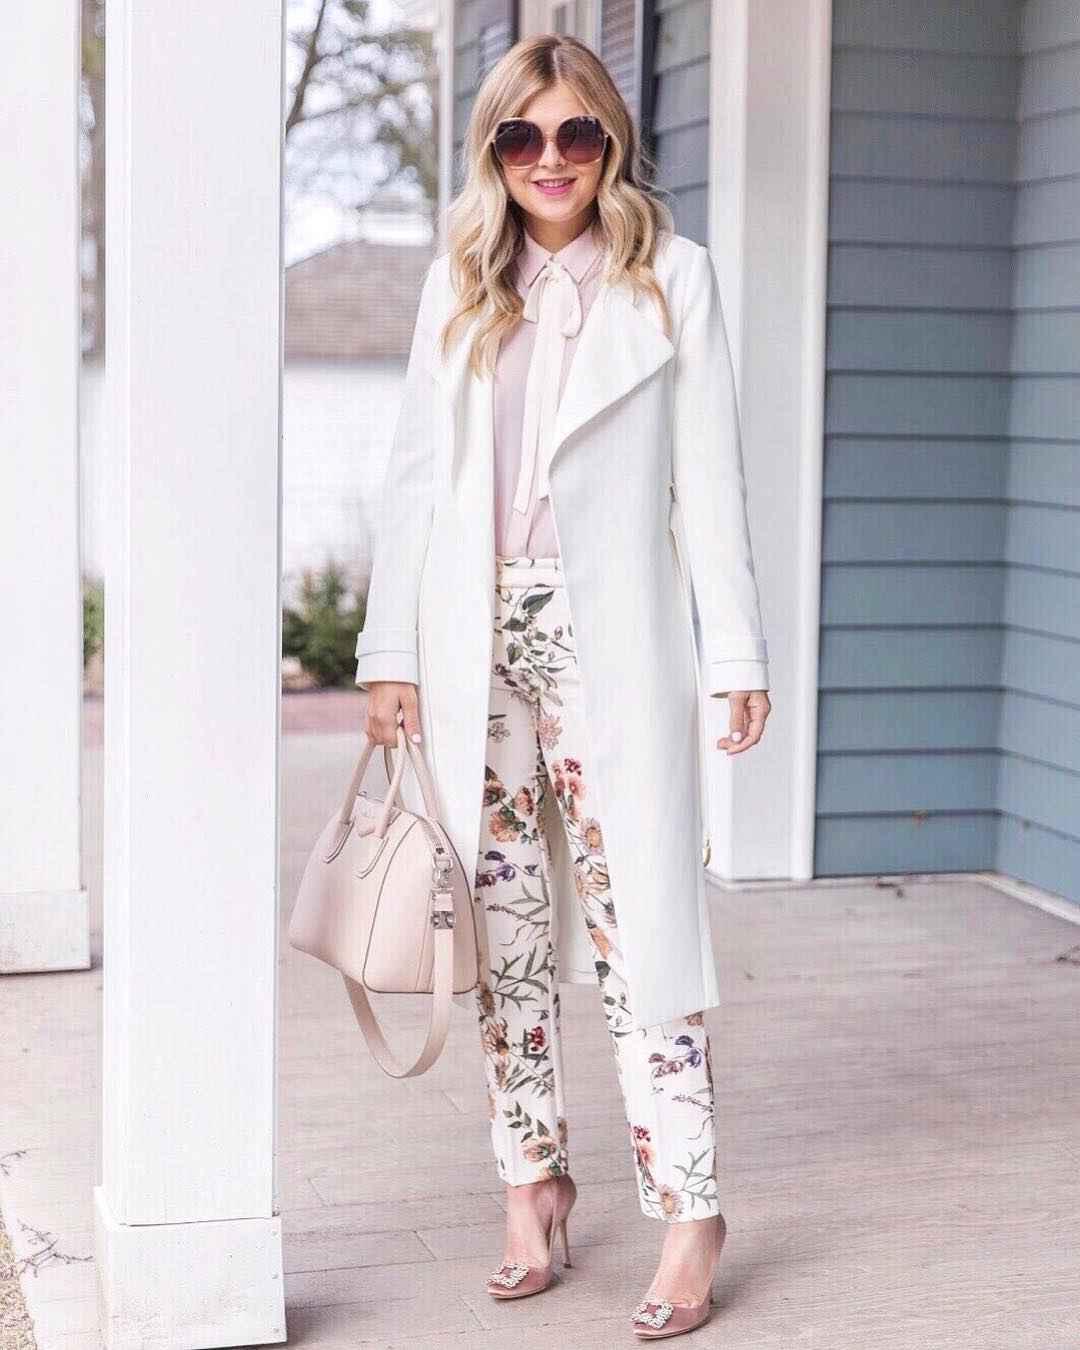 Модный офисный стиль 2019-2020 с брюками фото идеи_1